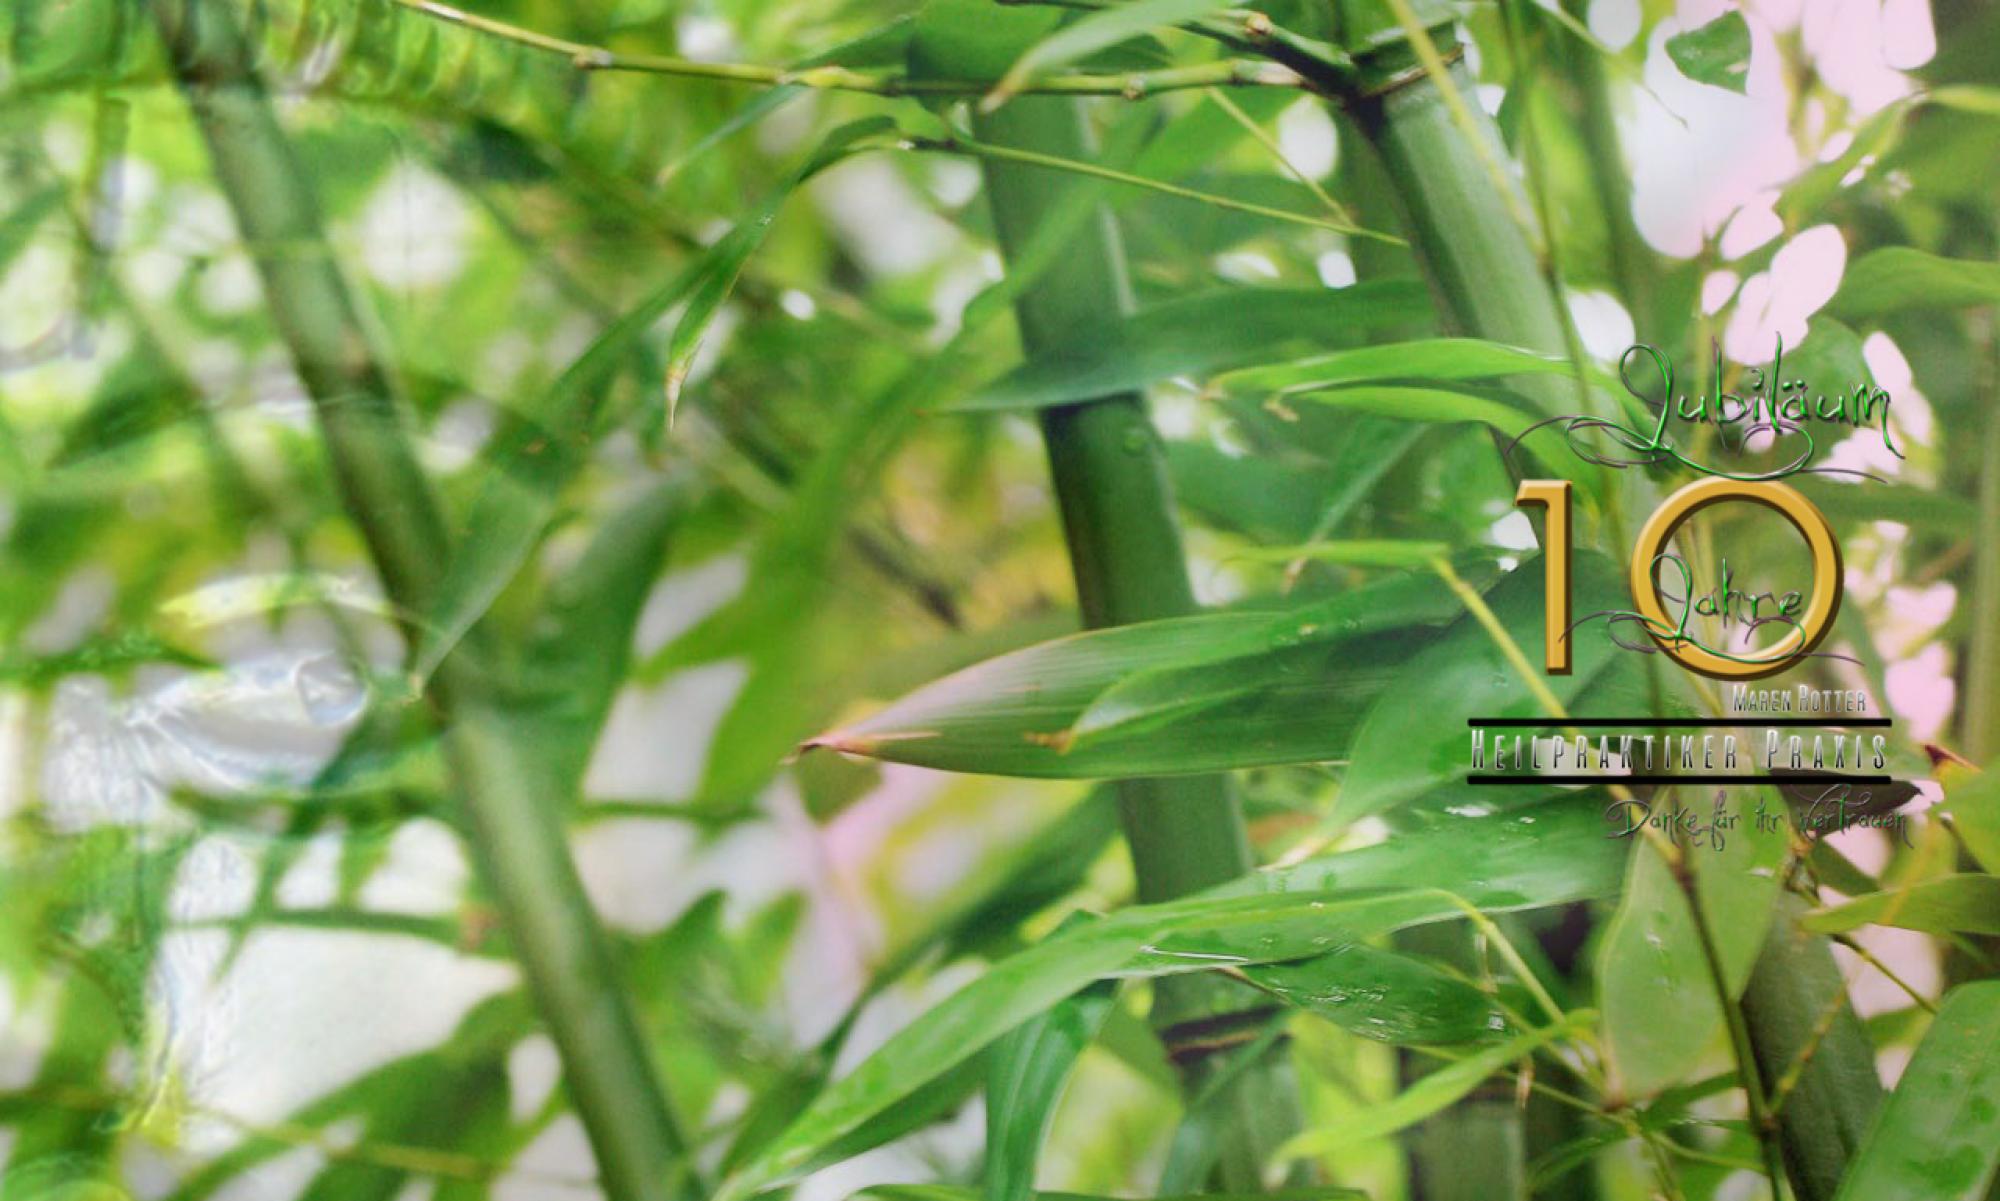 Praxis für Naturheilkunde und Ayurveda Medizin  - Maren Rotter